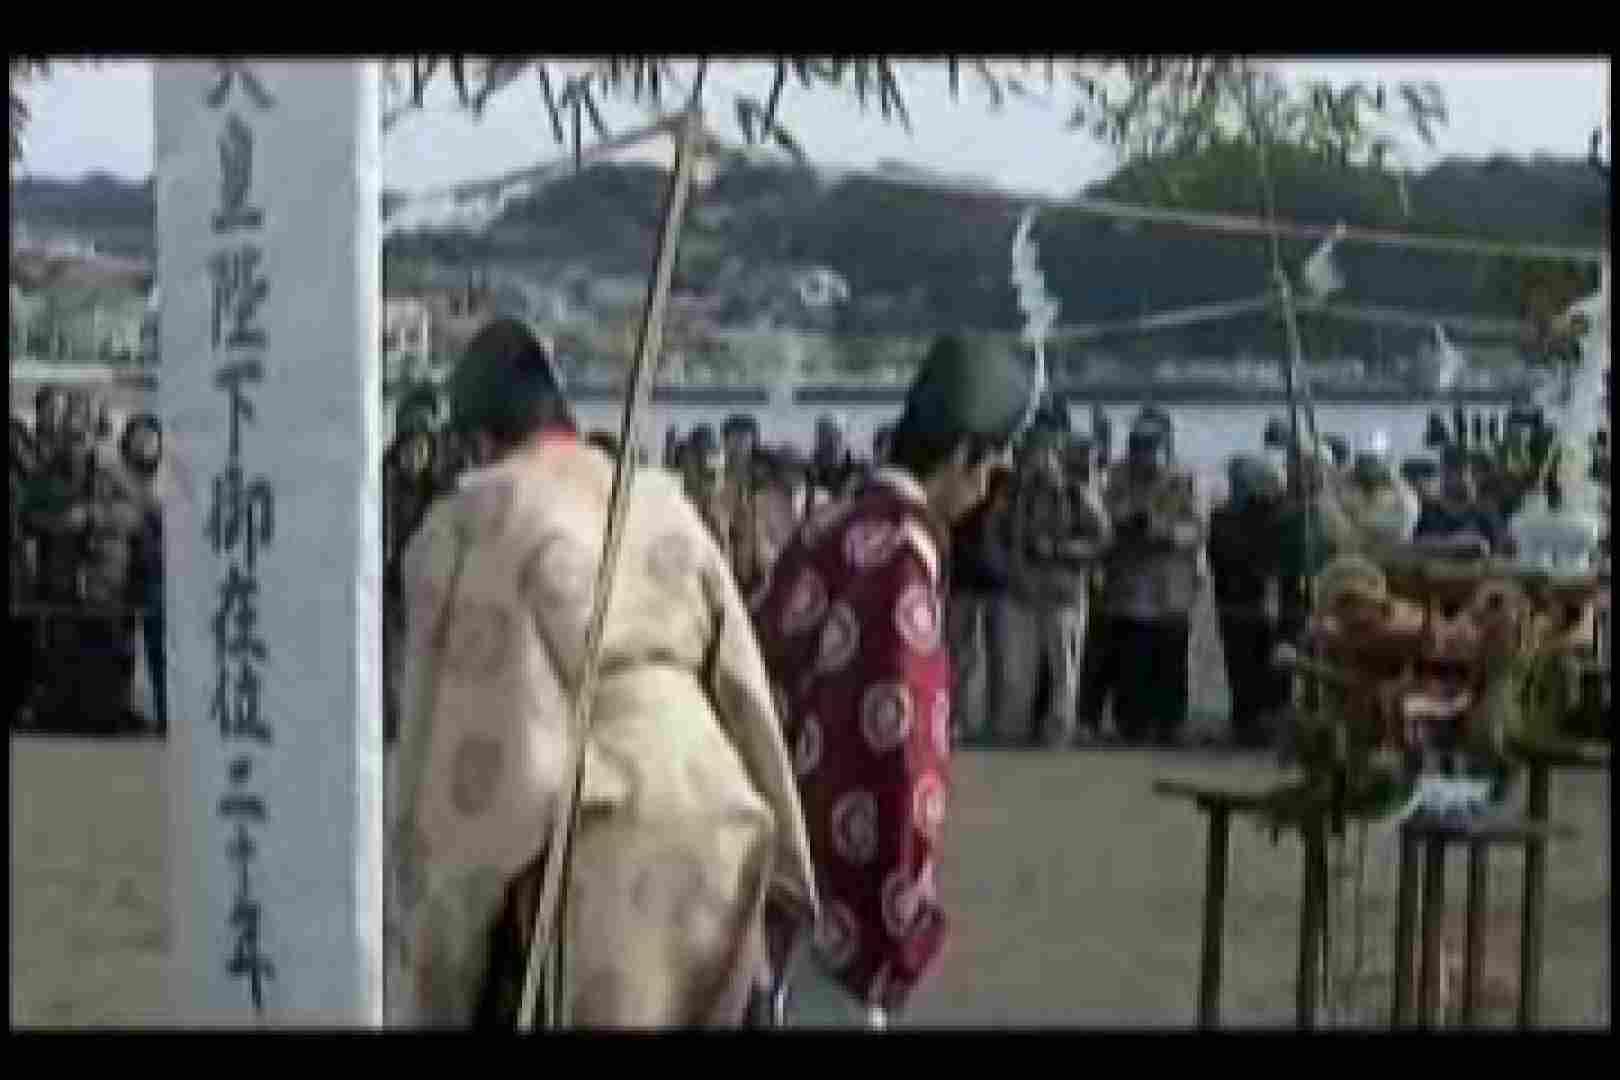 陰間茶屋 男児祭り VOL.1 野外露出 ゲイ素人エロ画像 66枚 40